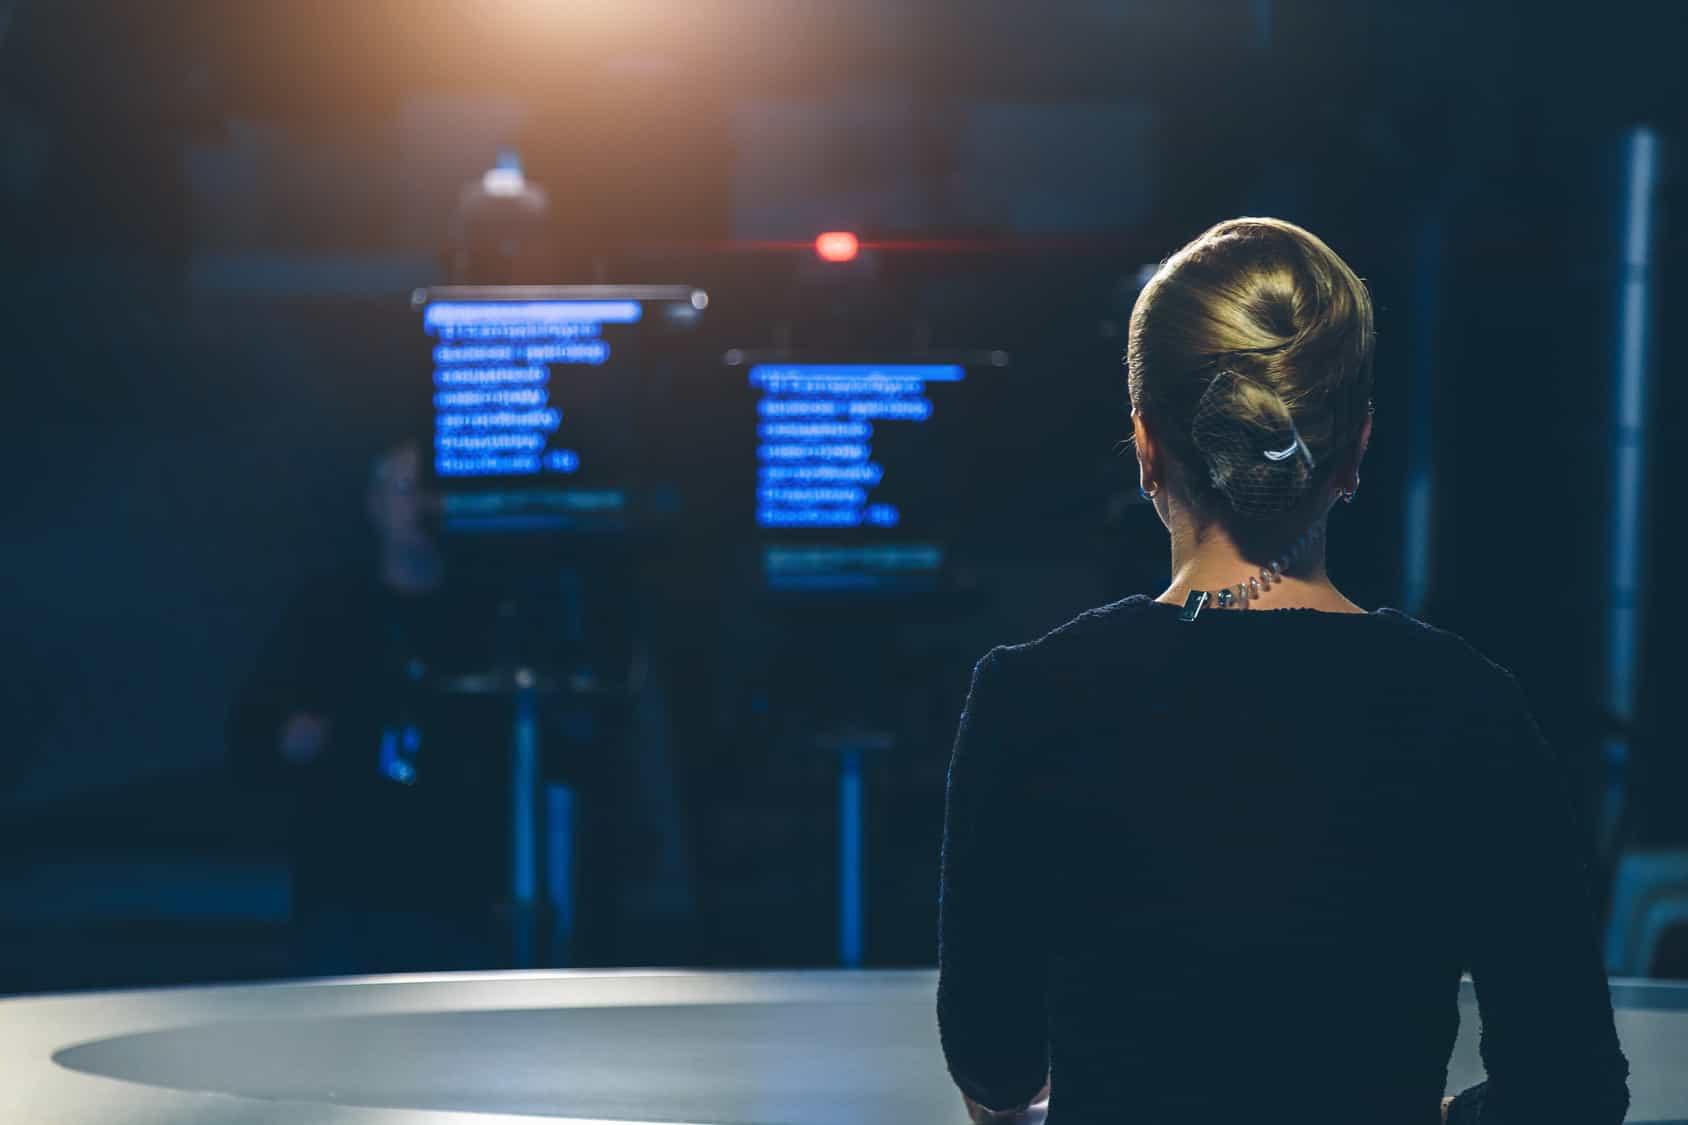 Las mesas de debate y entrevistas de candidatos han resultado una oportunidad para que las televisoras abiertas se posicionen como el medio informativo de mayor alcance y cobertura.